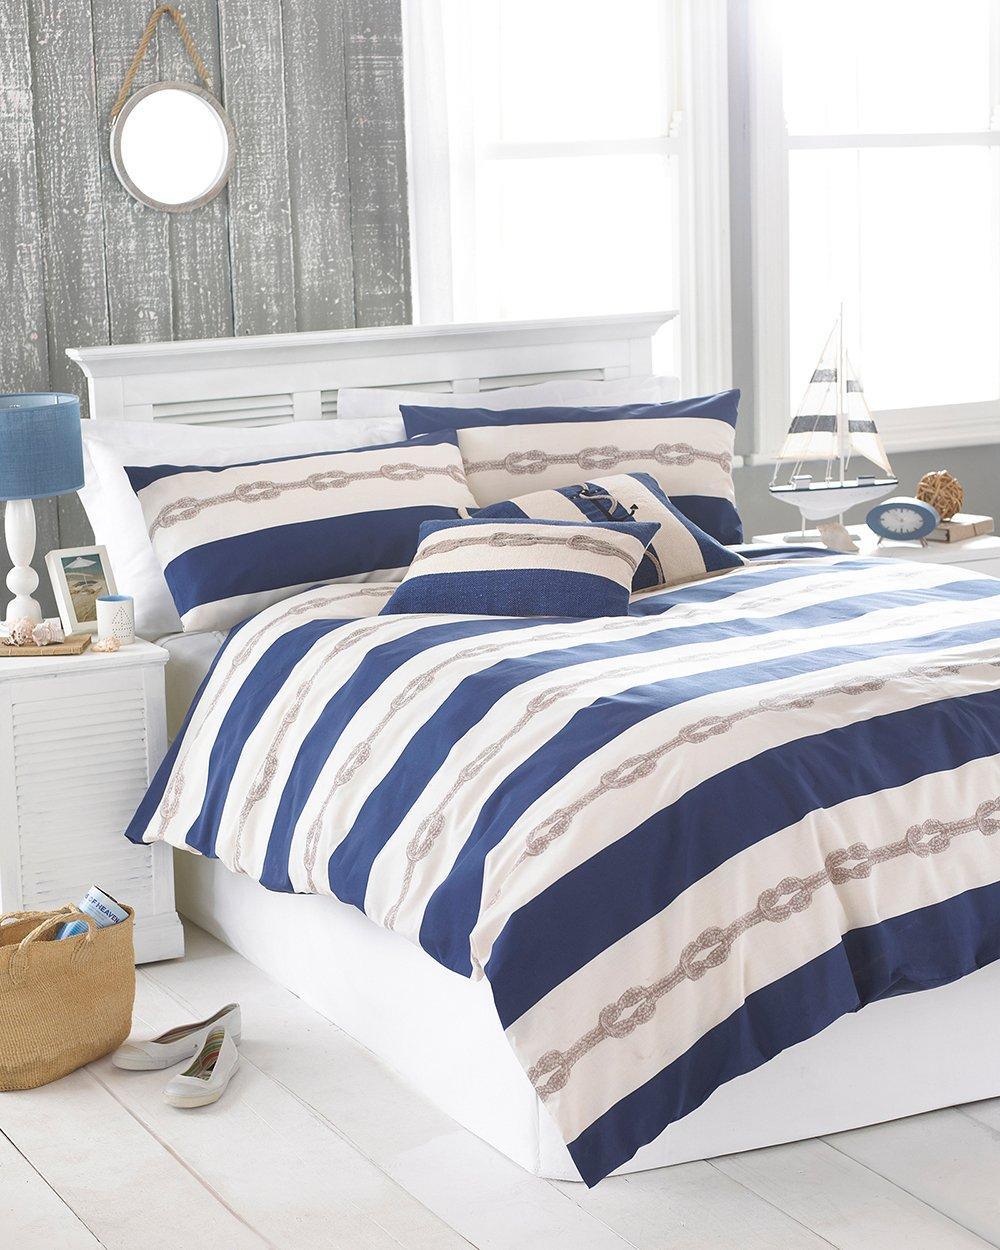 Riva Home Reef Stripe Copripiumino Singolo Blu Colore Biancheria Da Letto Com Tessili Per La Casa